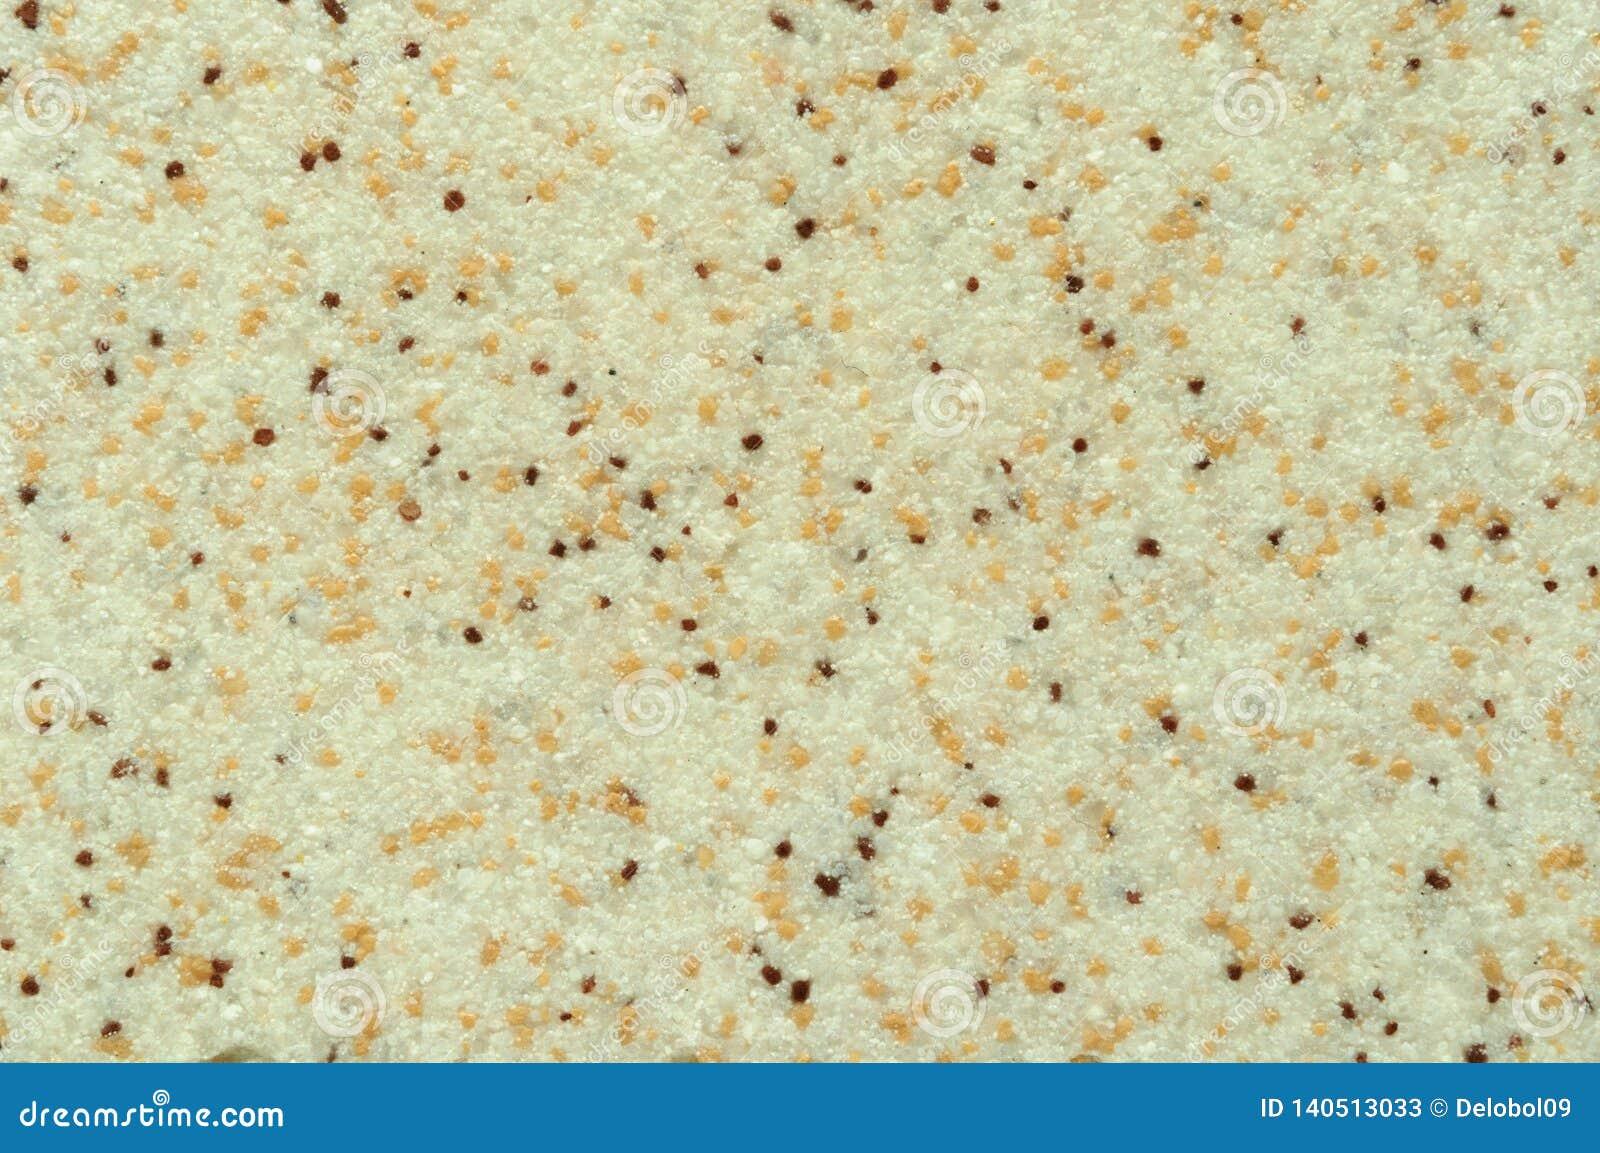 Textura de la capa de cerámica beige con las inclusiones oscuras